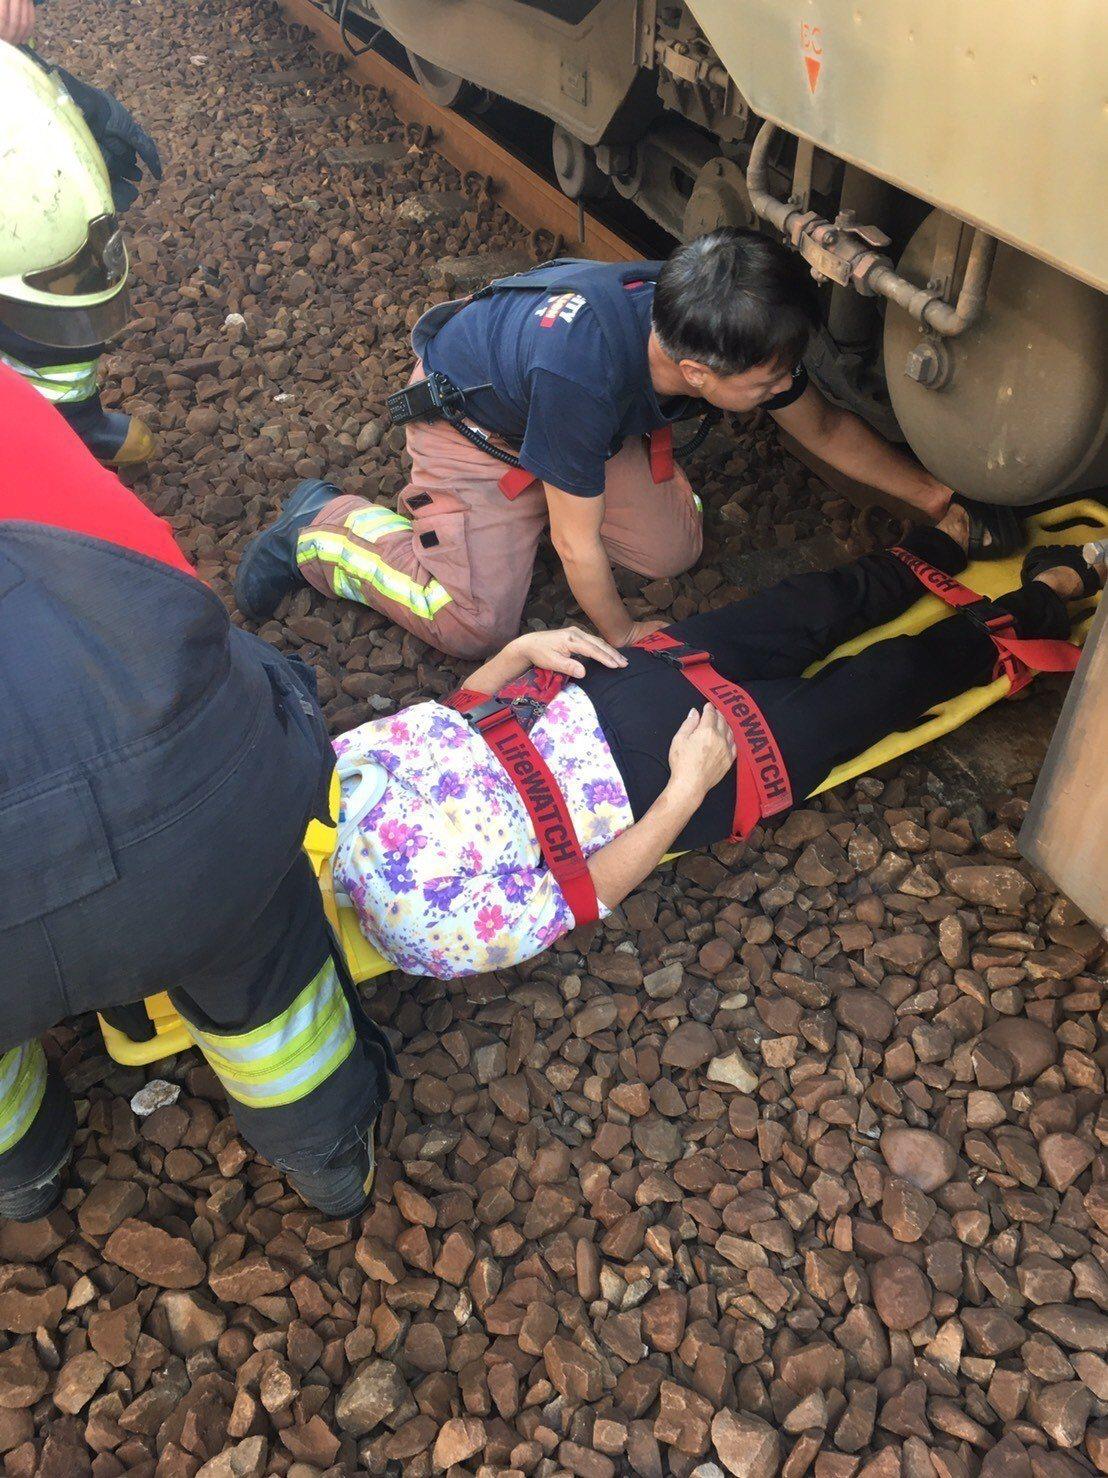 新北消防局救護人員到場,將摔落月台下的婦人救出送醫。圖/新北市消防局提供